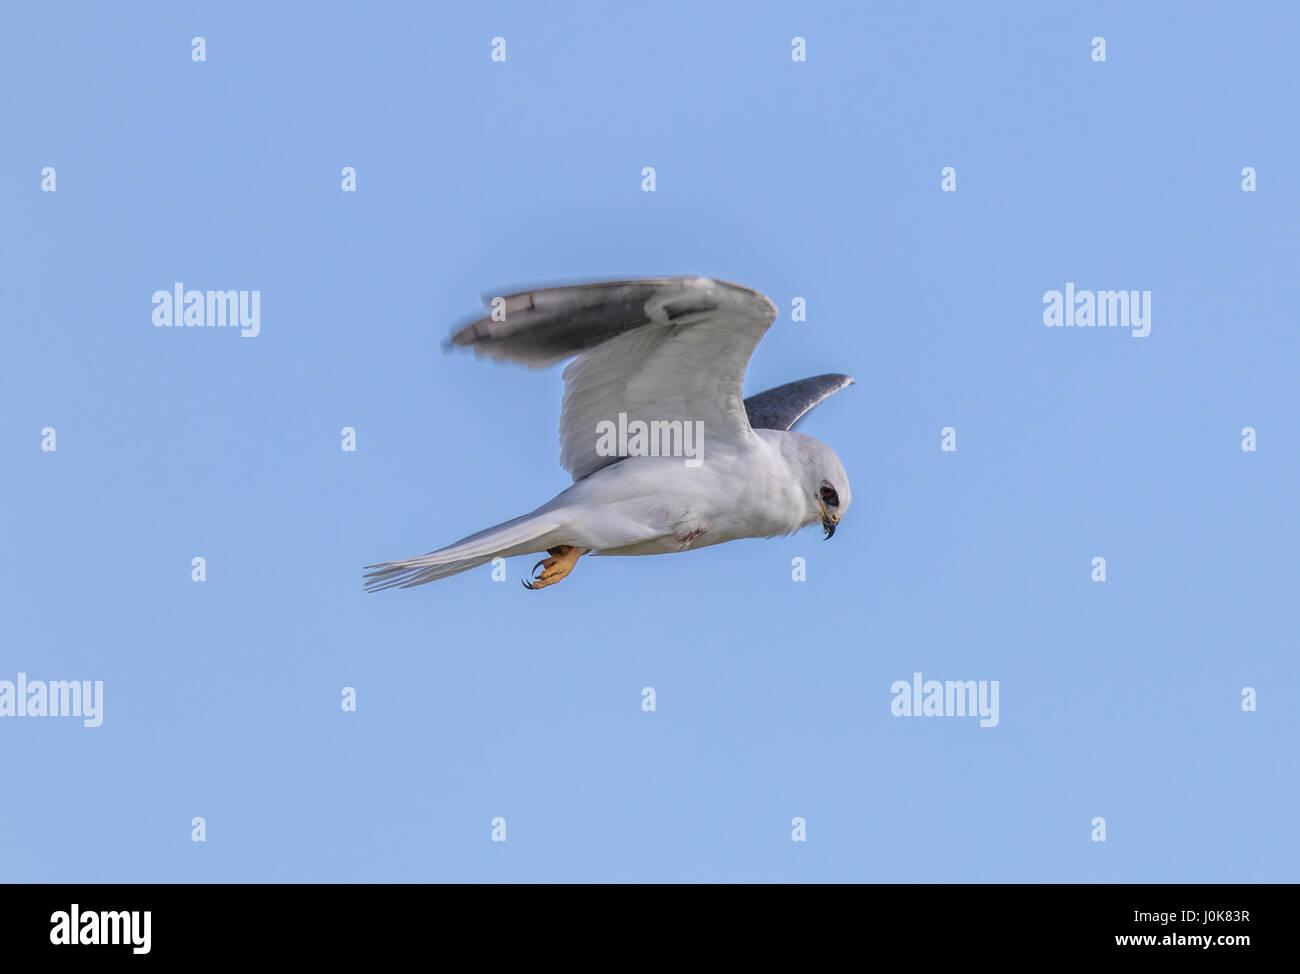 White-tailed Kite - Elanus leucurus, Adult. Stock Photo